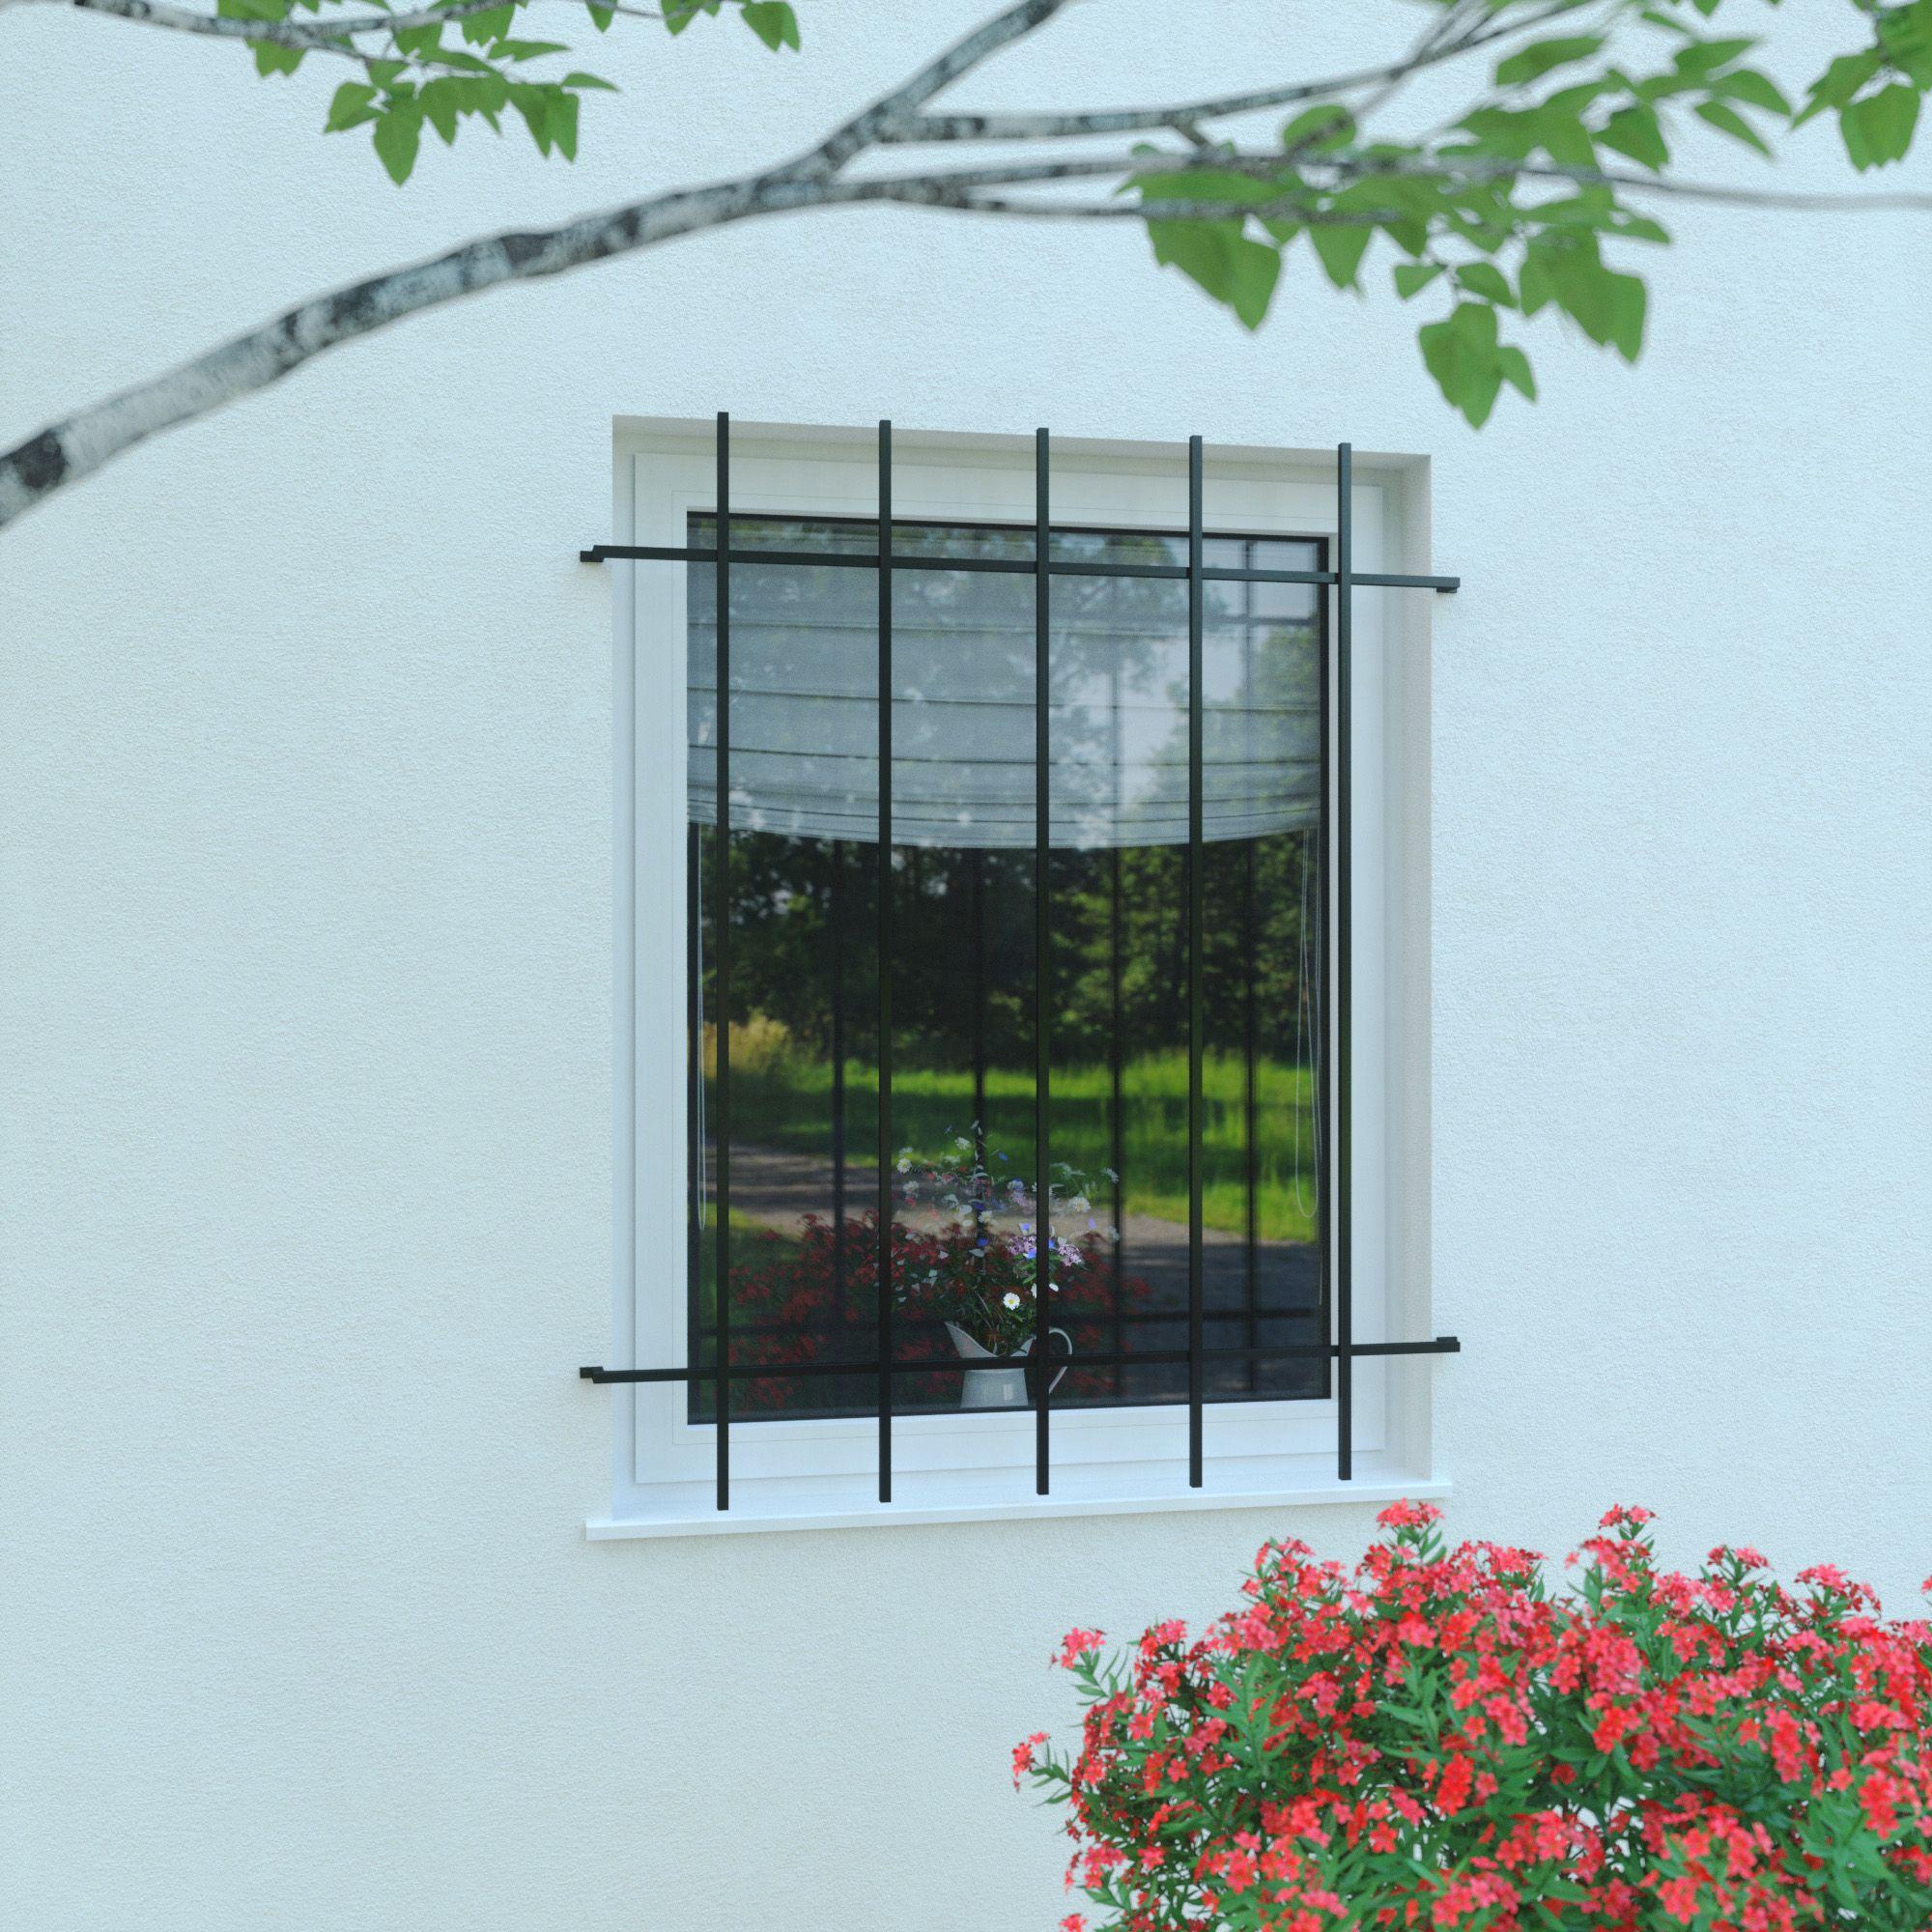 Full Size of Fenstergitter Einbruchschutz Modern Wir Produzieren Einzeltore Fenster Nachrüsten Stange Modernes Sofa Moderne Bilder Fürs Wohnzimmer Deckenlampen Küche Wohnzimmer Fenstergitter Einbruchschutz Modern